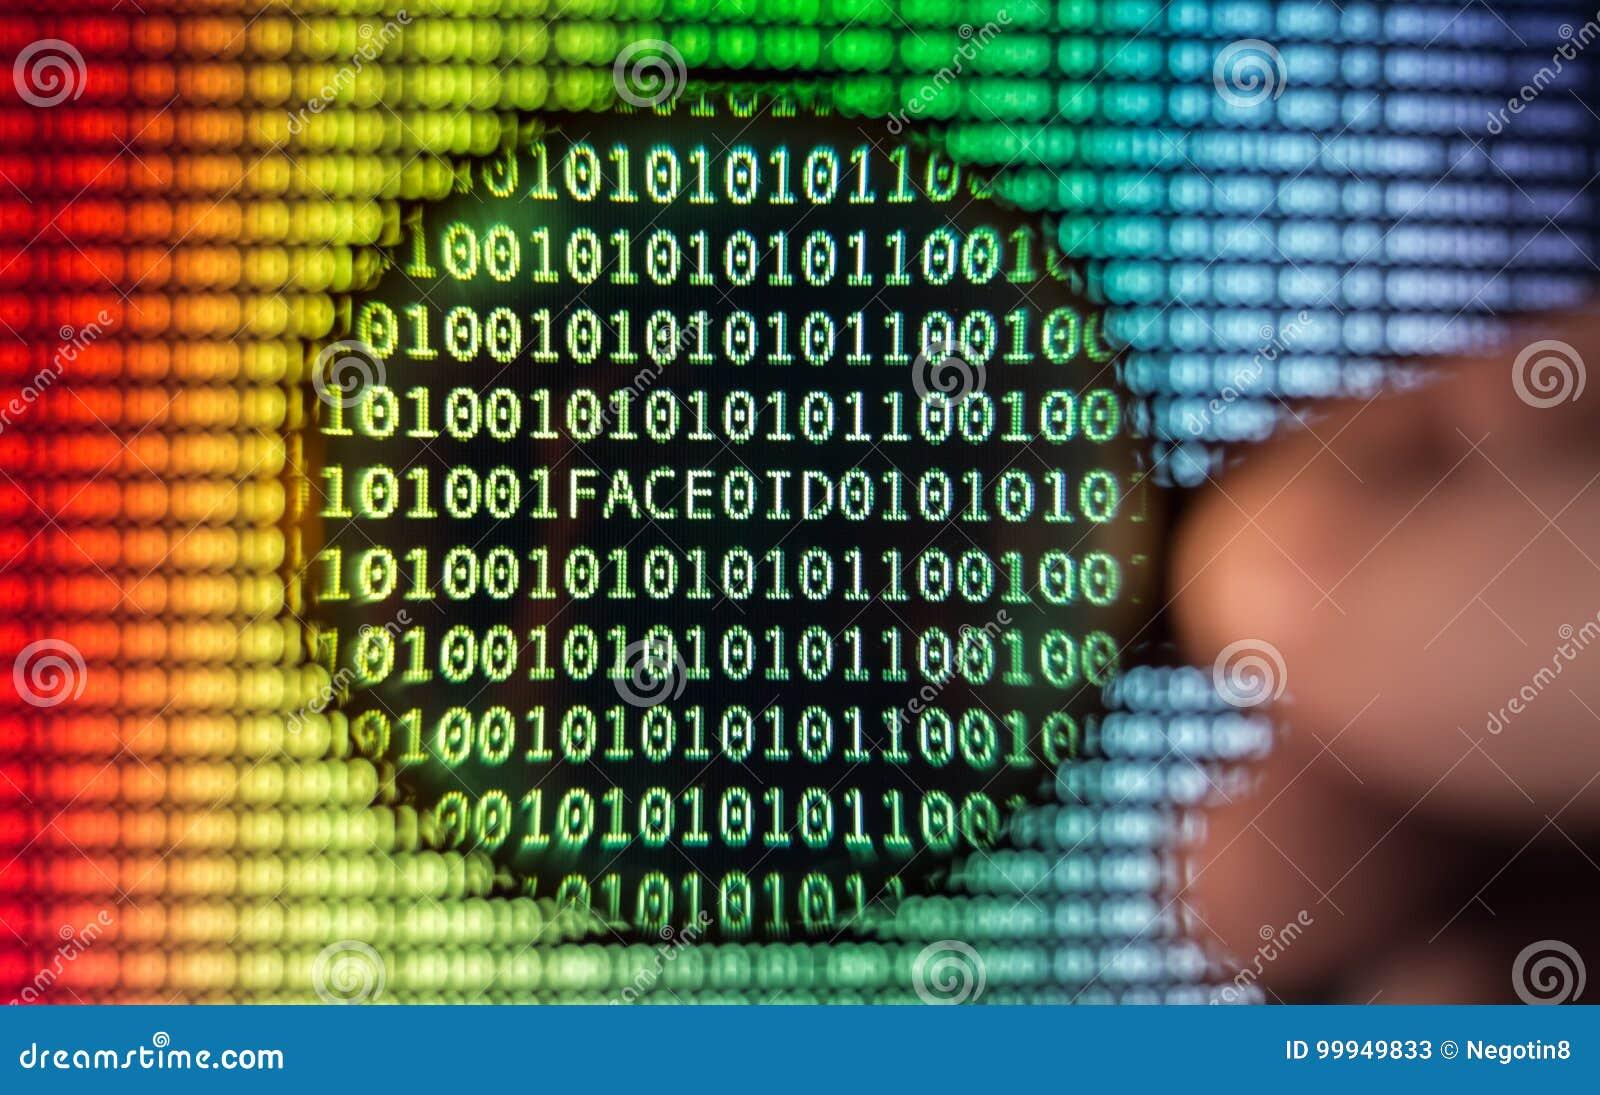 二进制编码屏幕